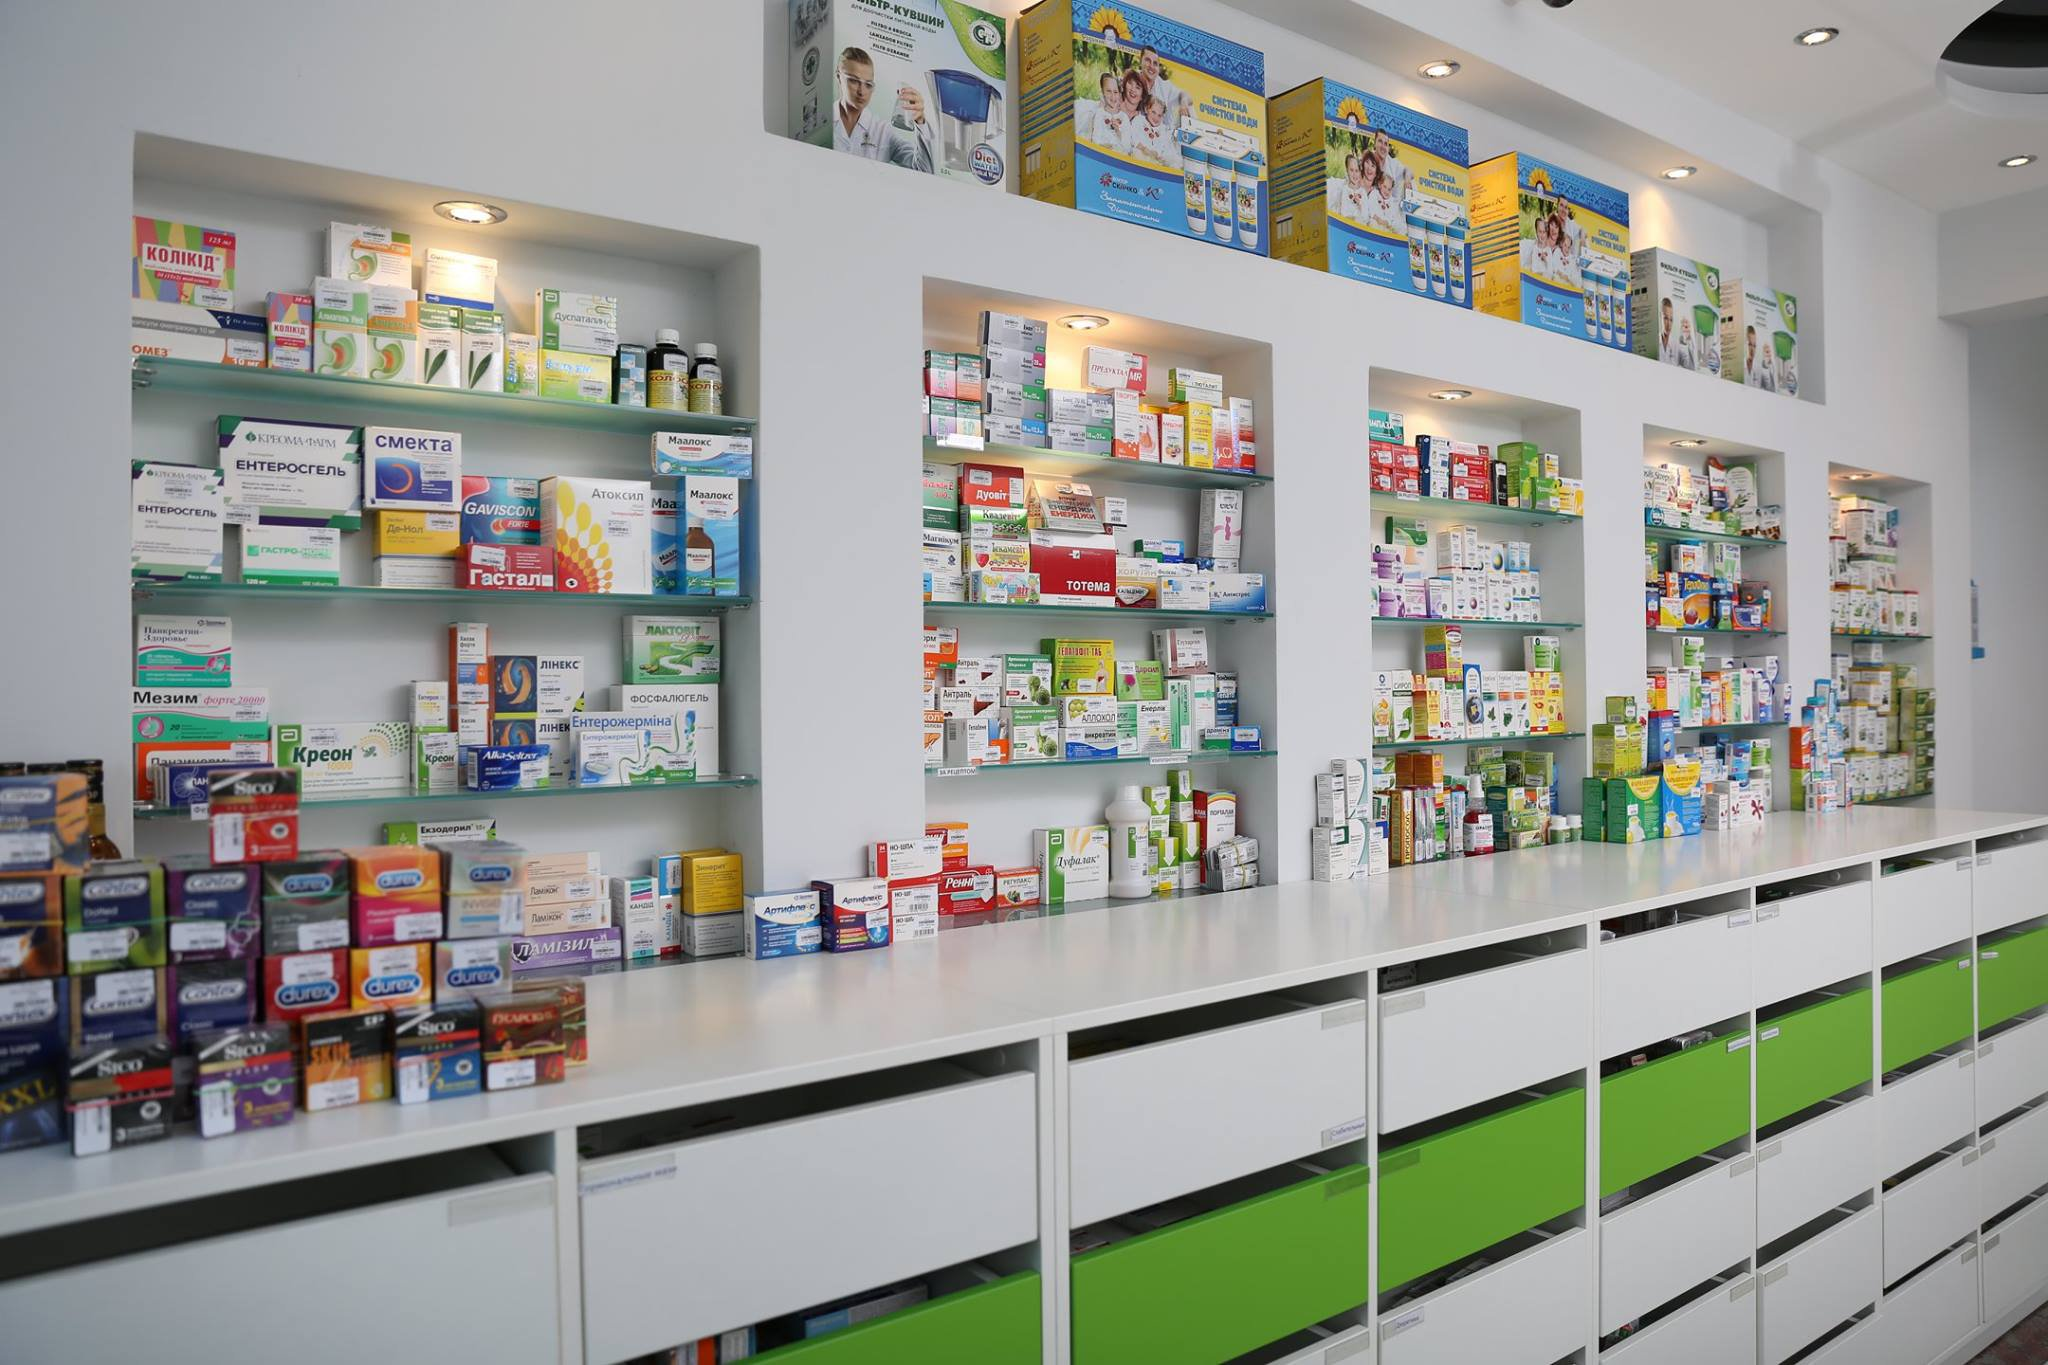 очень картинки с изображением аптеки можно повесить